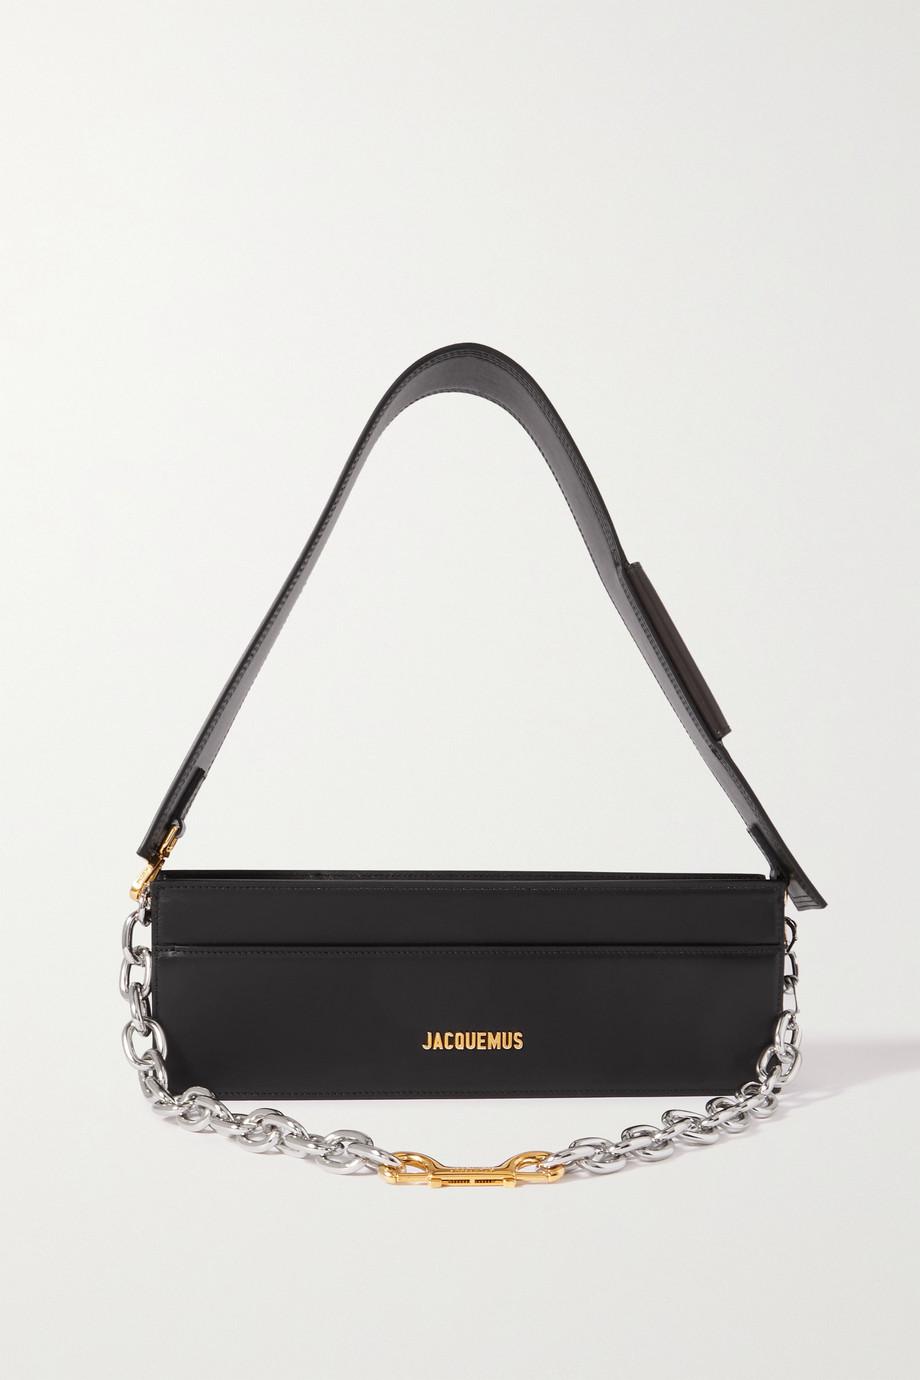 Jacquemus Le Ciuciu leather shoulder bag